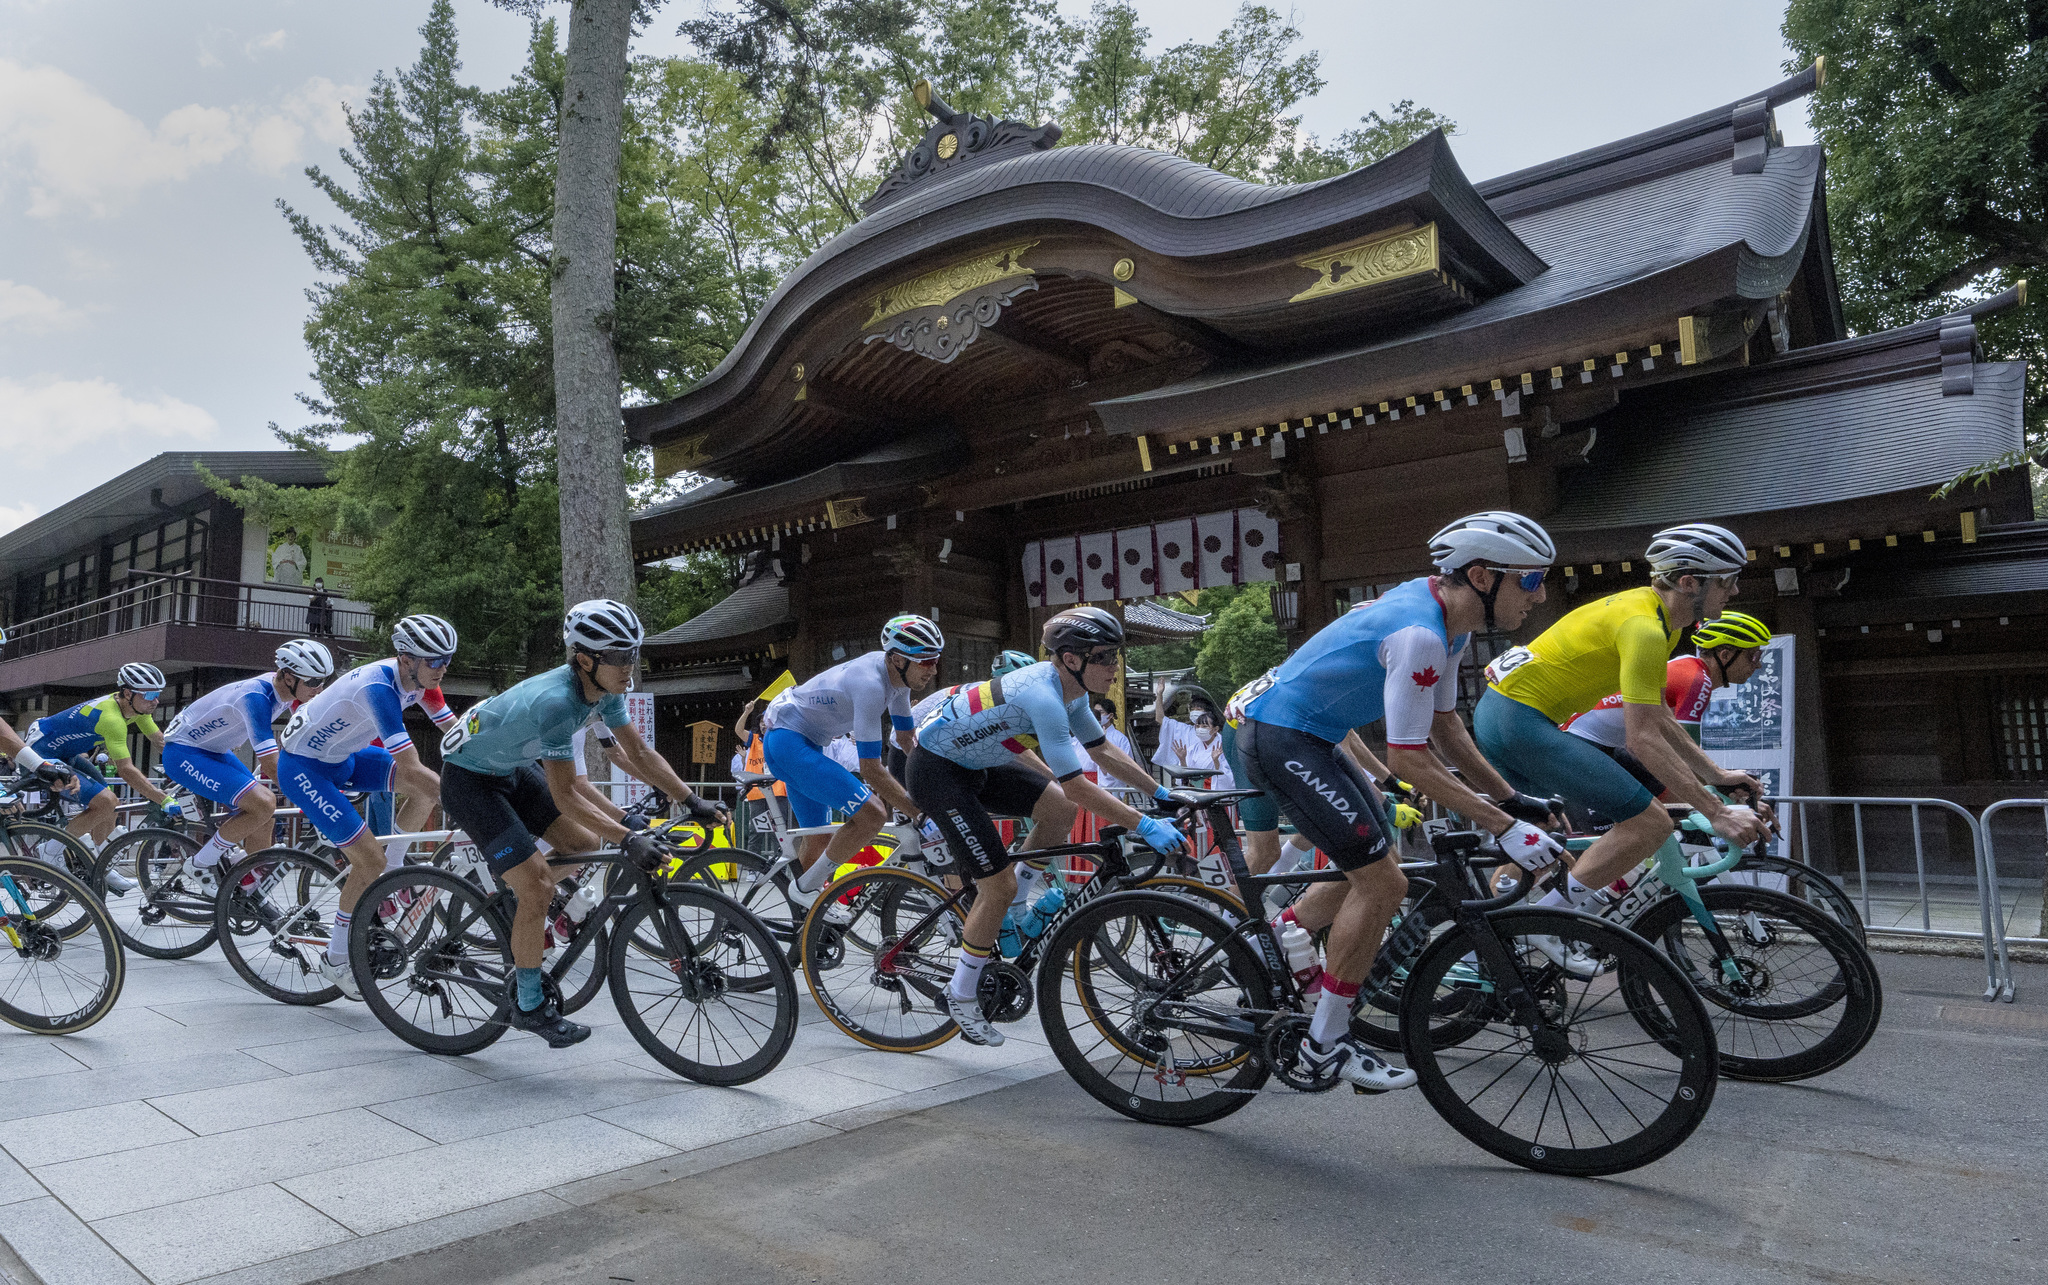 El pelotón durante la prueba de ciclismo en ruta